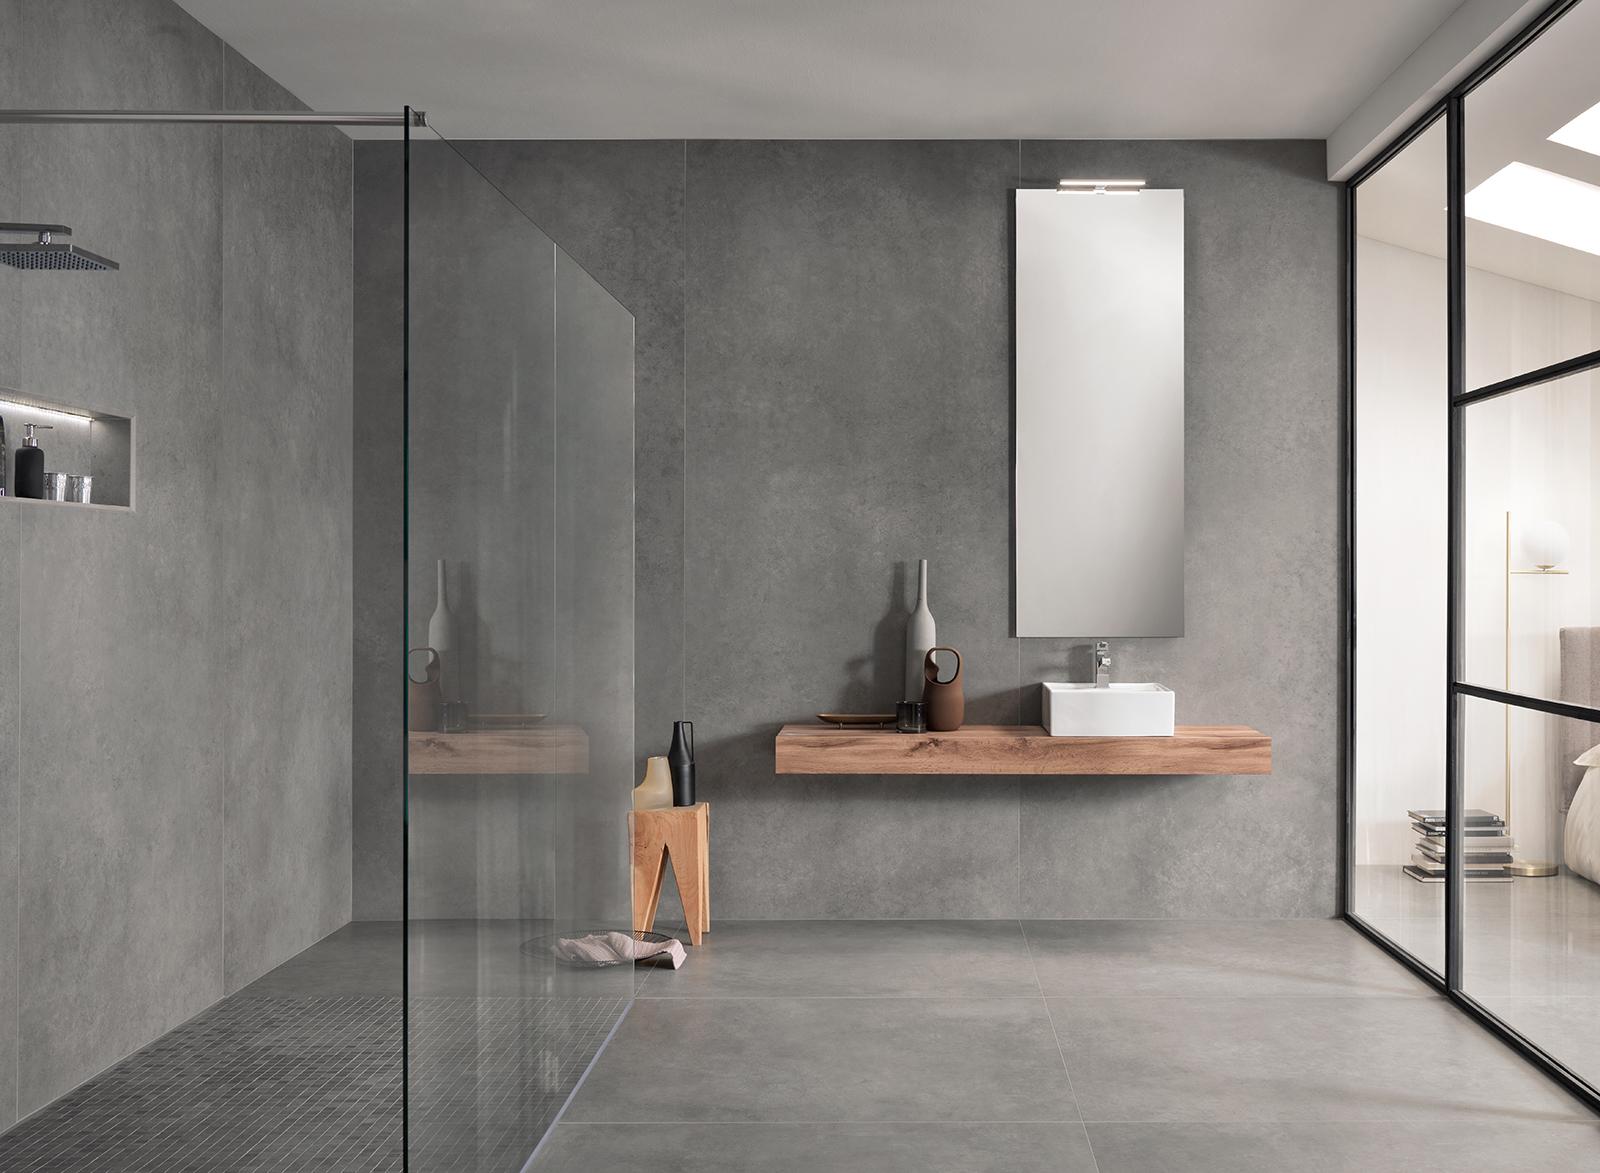 CONCRETA GRIGIO lavabo_10327